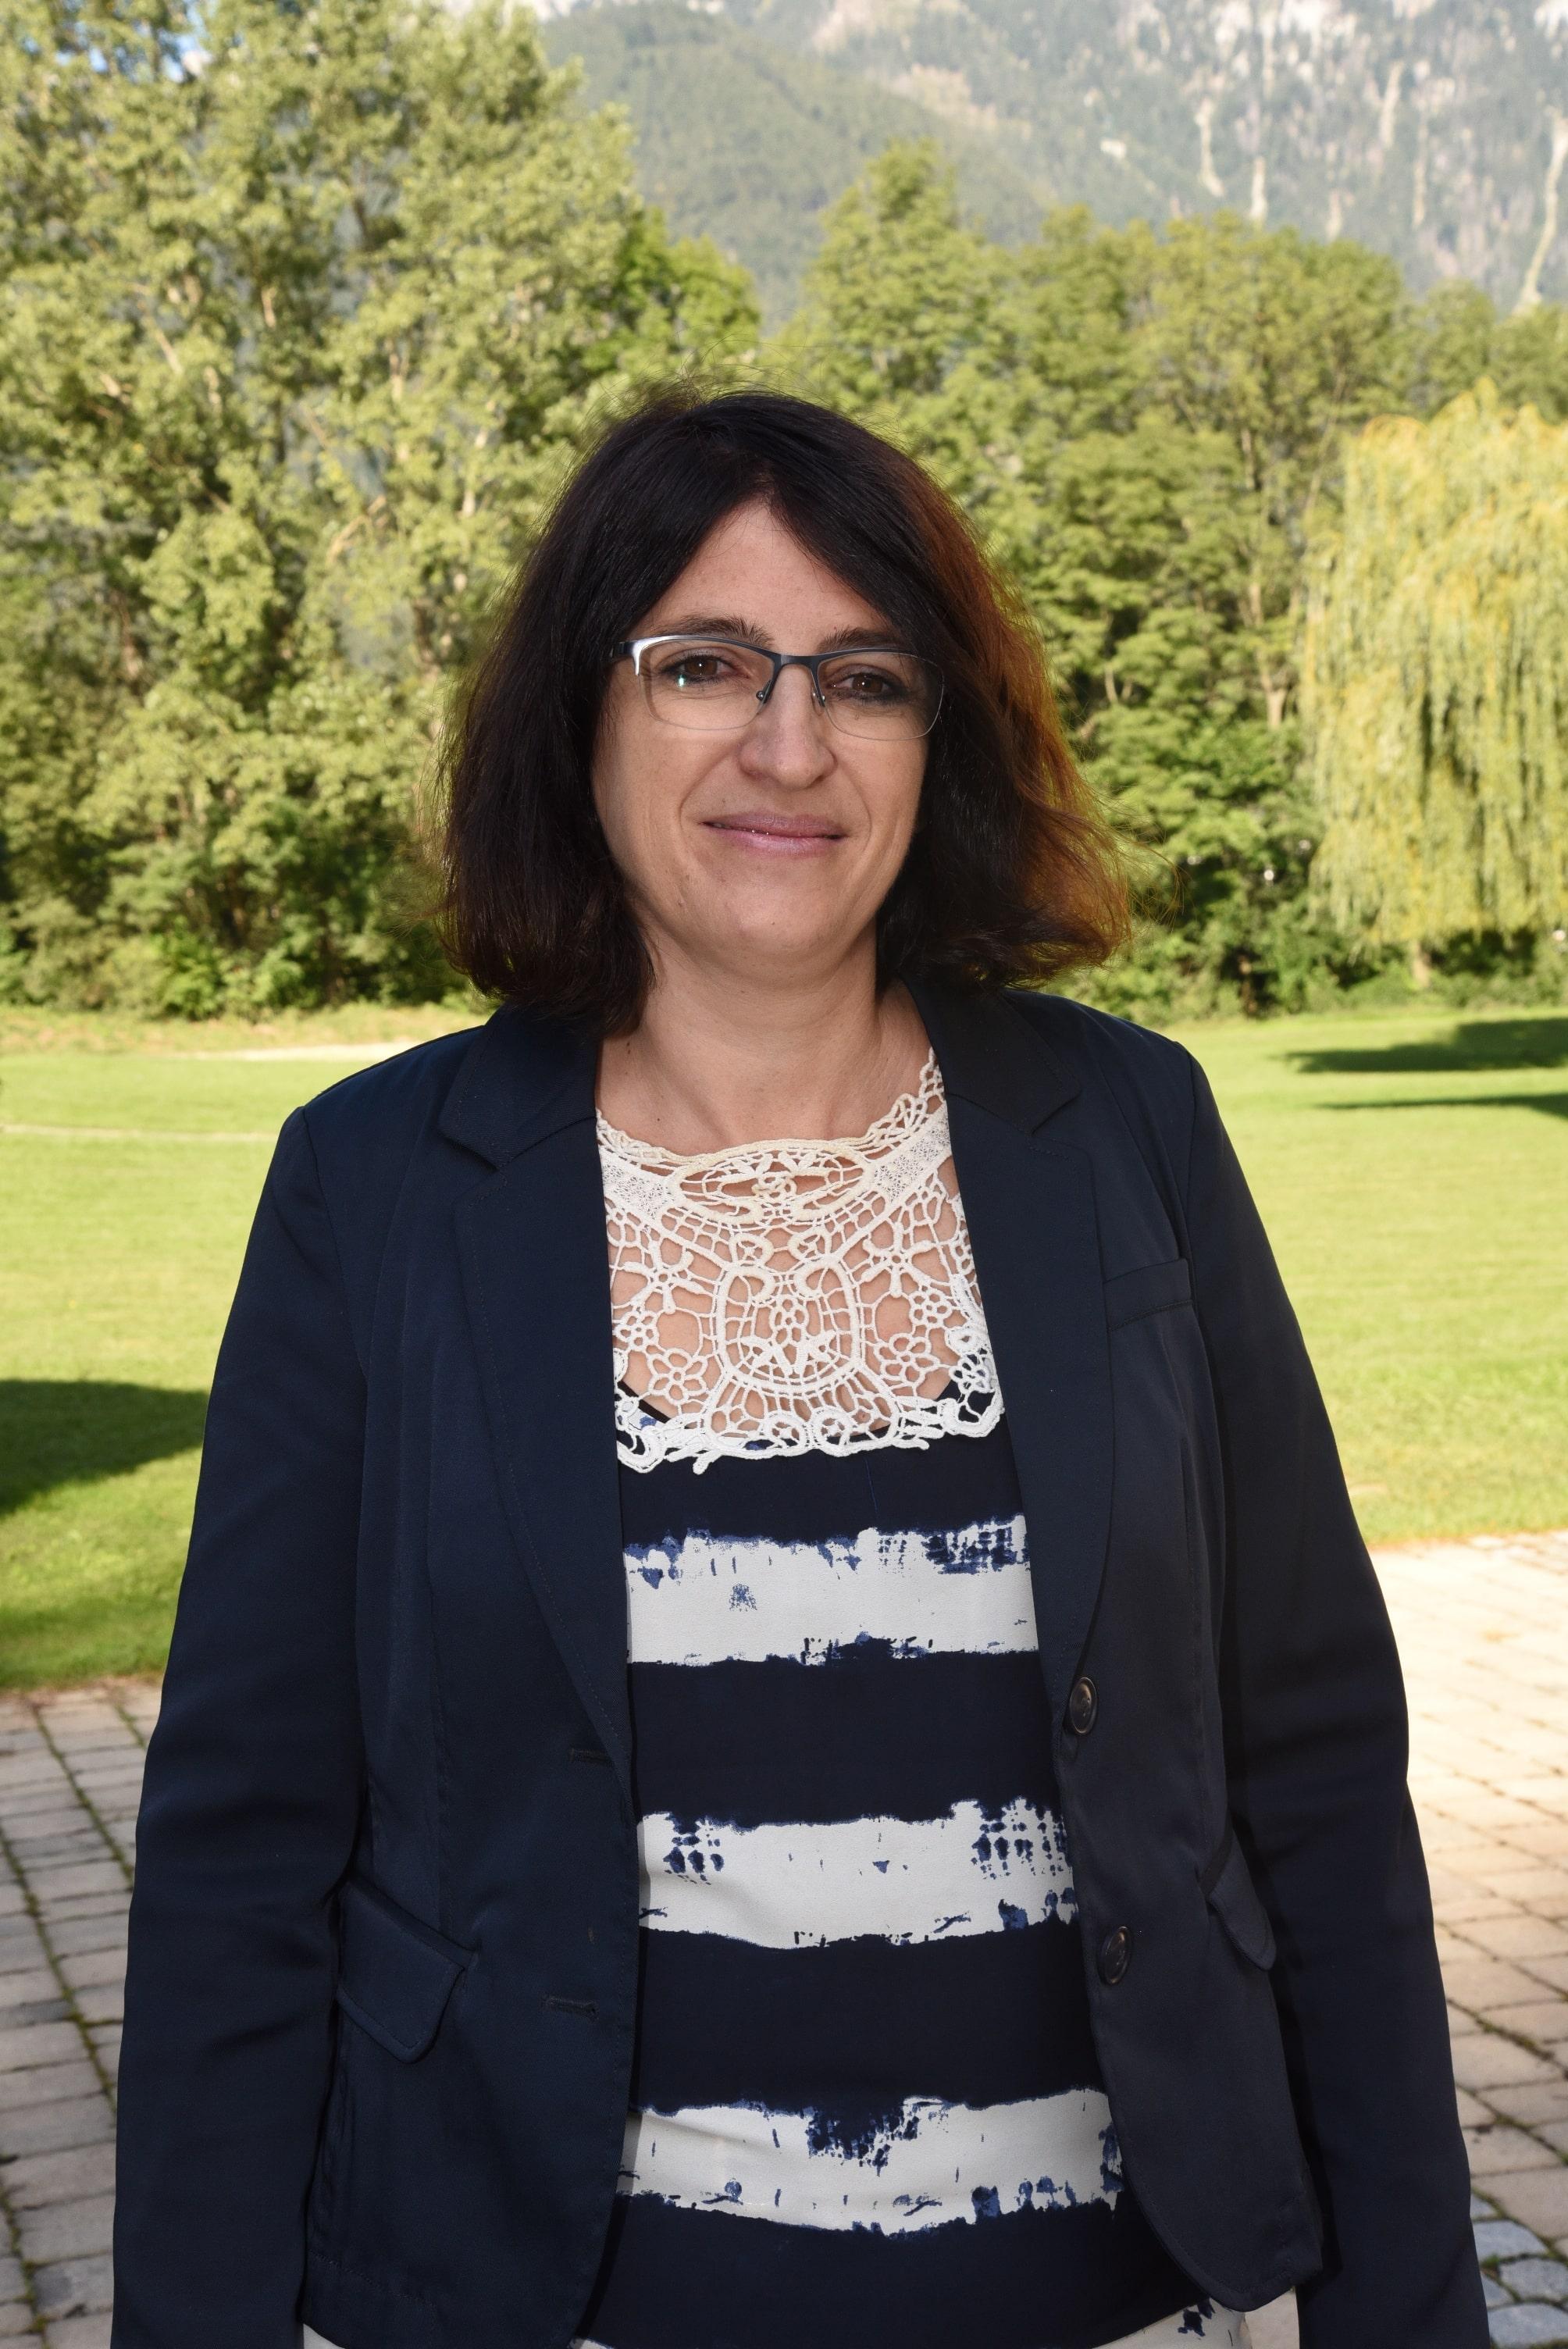 Silvia Weinzettl